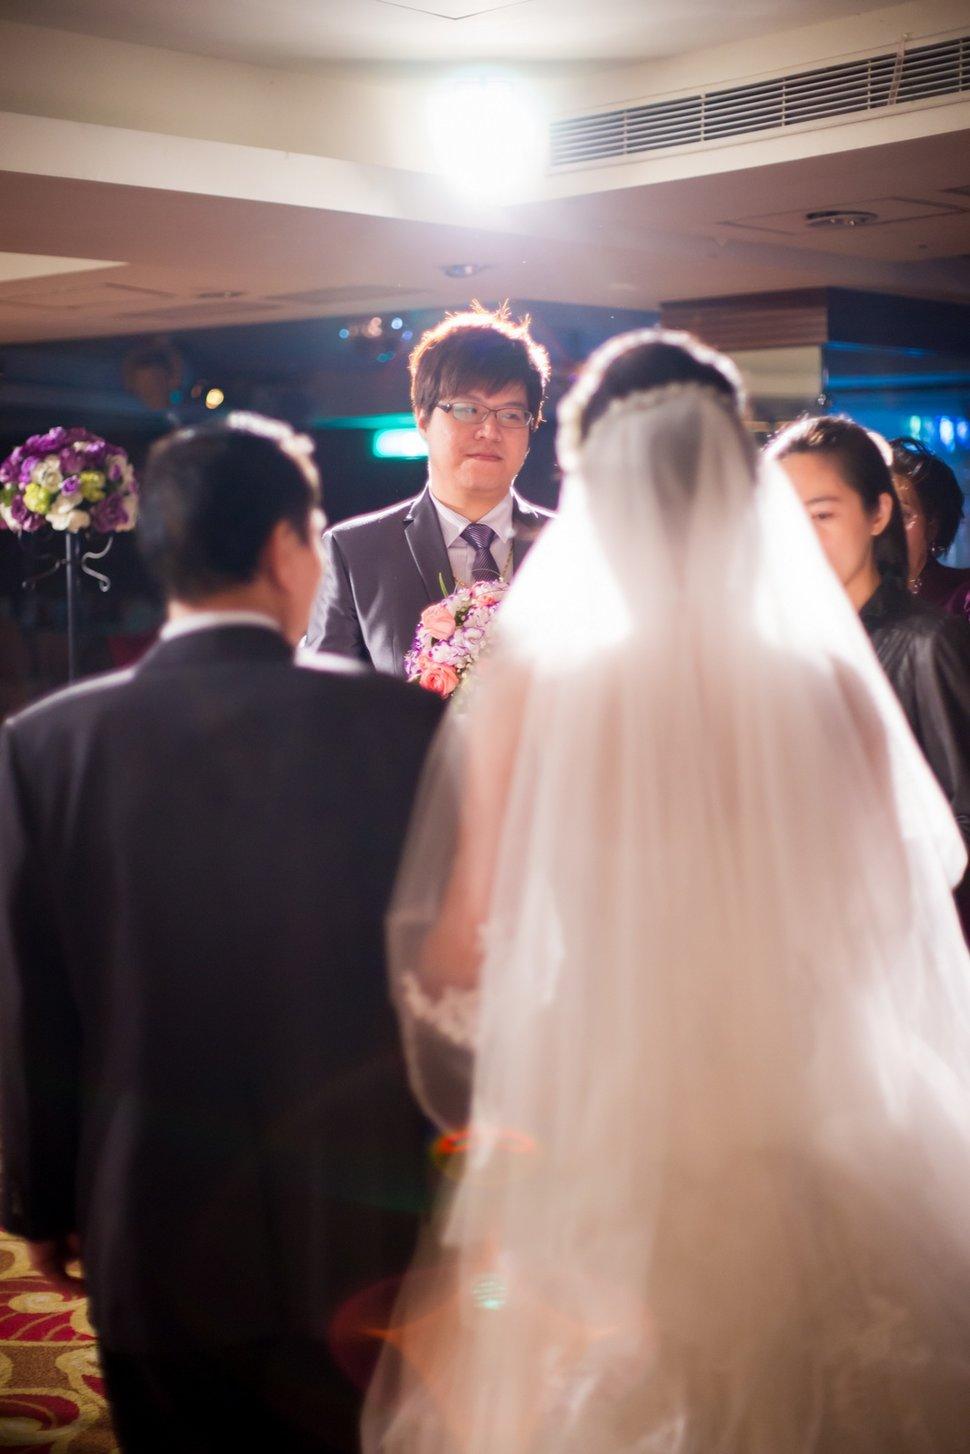 2014-01-11 0680 - 全職攝影師 Jerry  (婚攝杰瑞) - 結婚吧